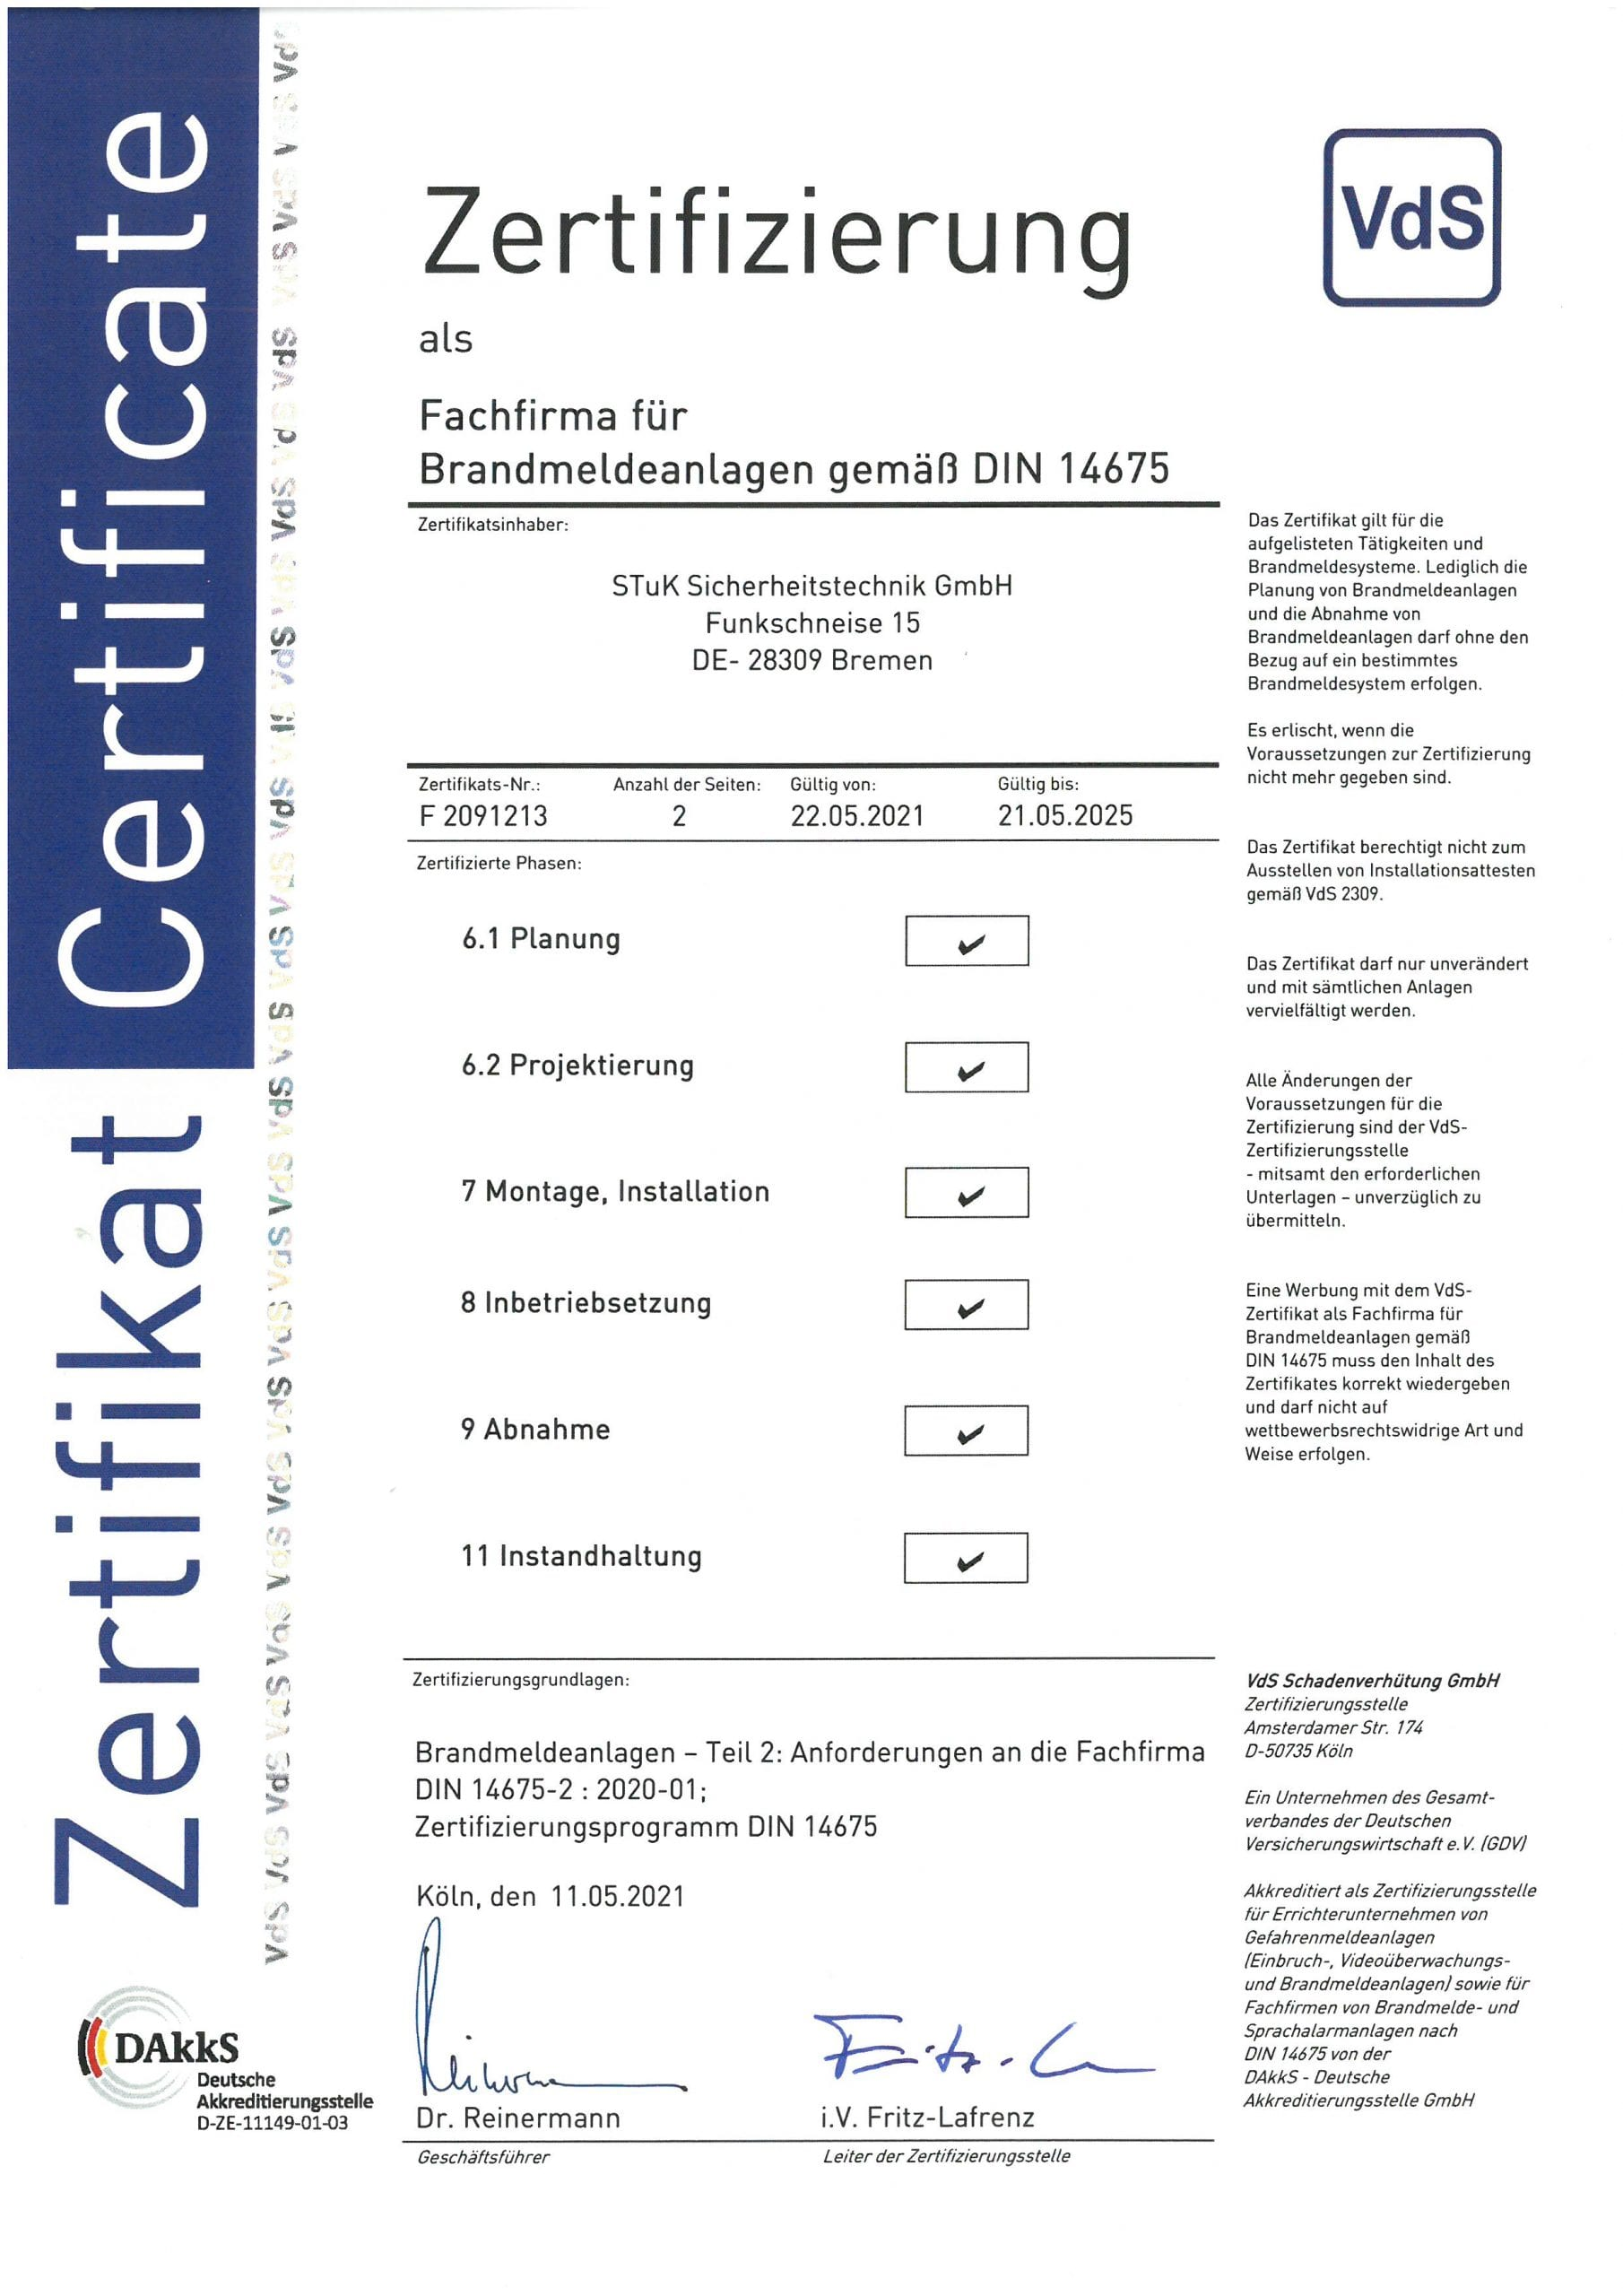 Zertifizierung DIN 14675